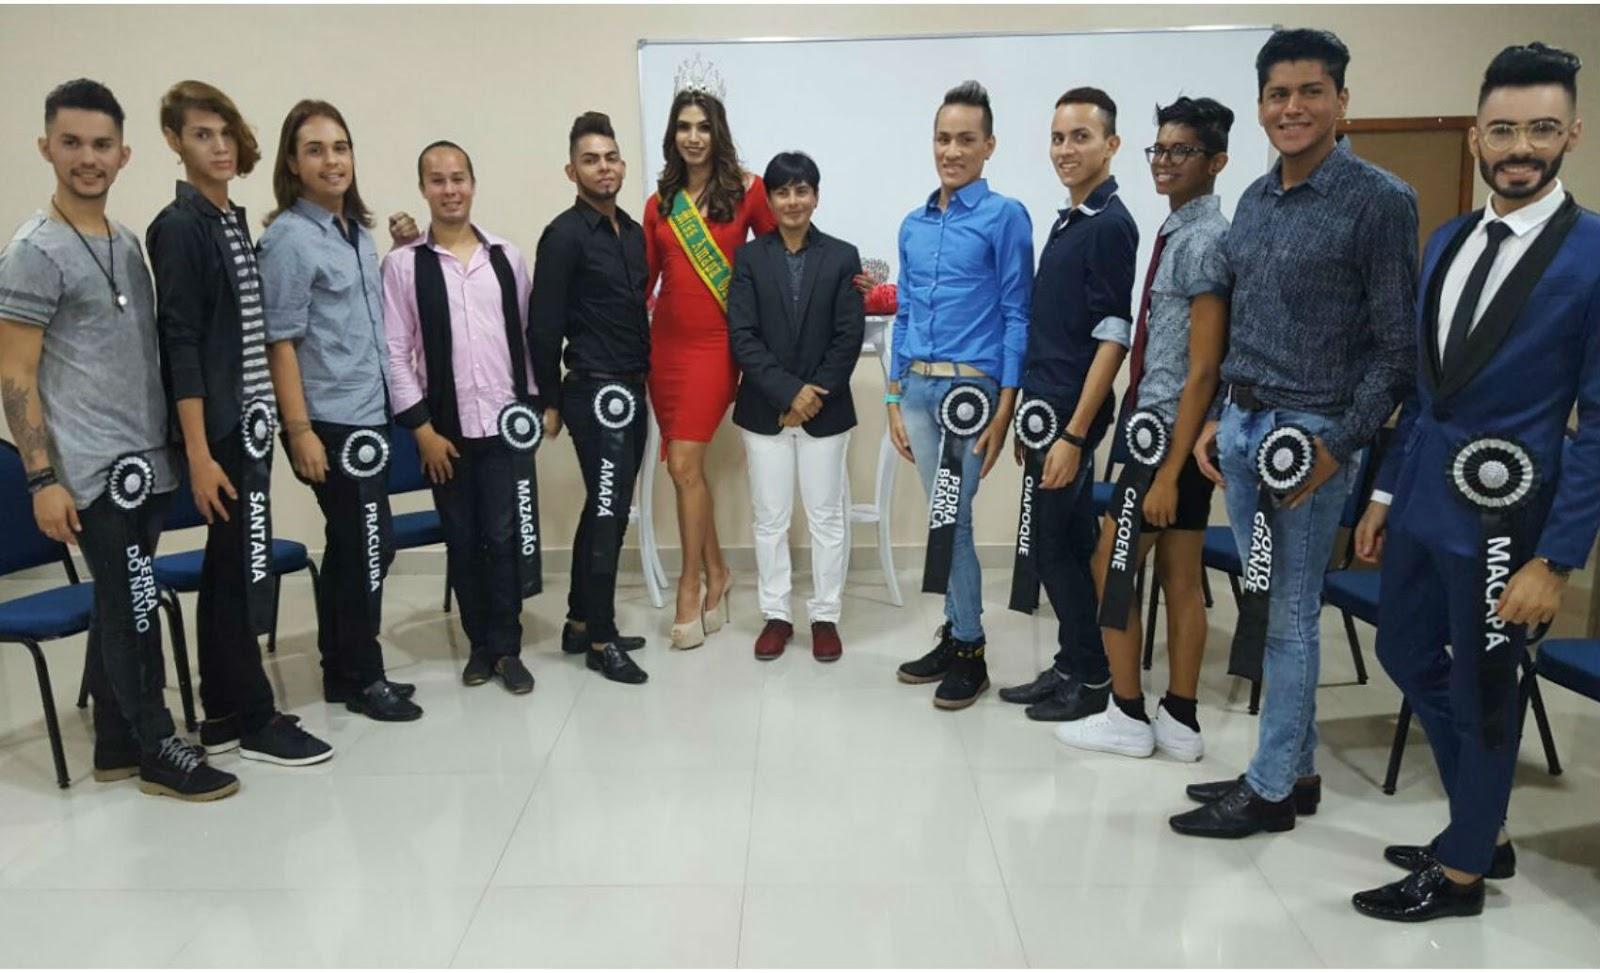 Dez candidatos concorrem ao Miss Gay Amapá Universo 2017; conheça